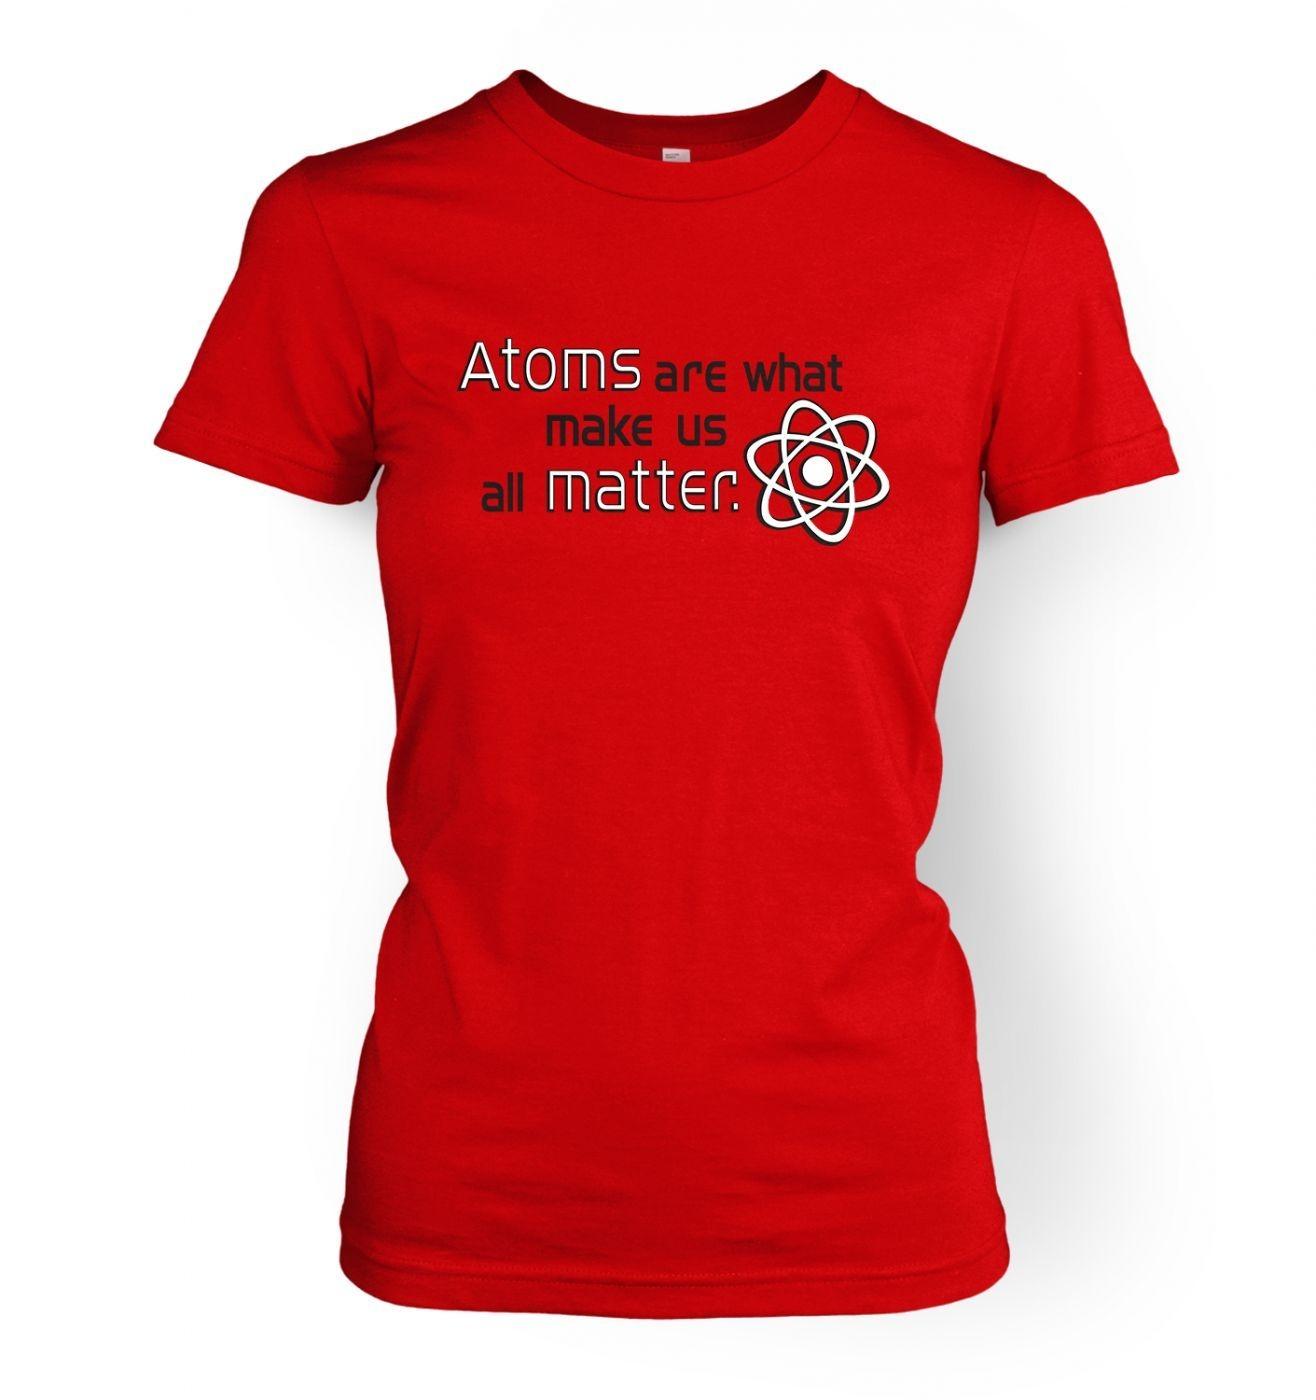 Women's Atoms matter t-shirt